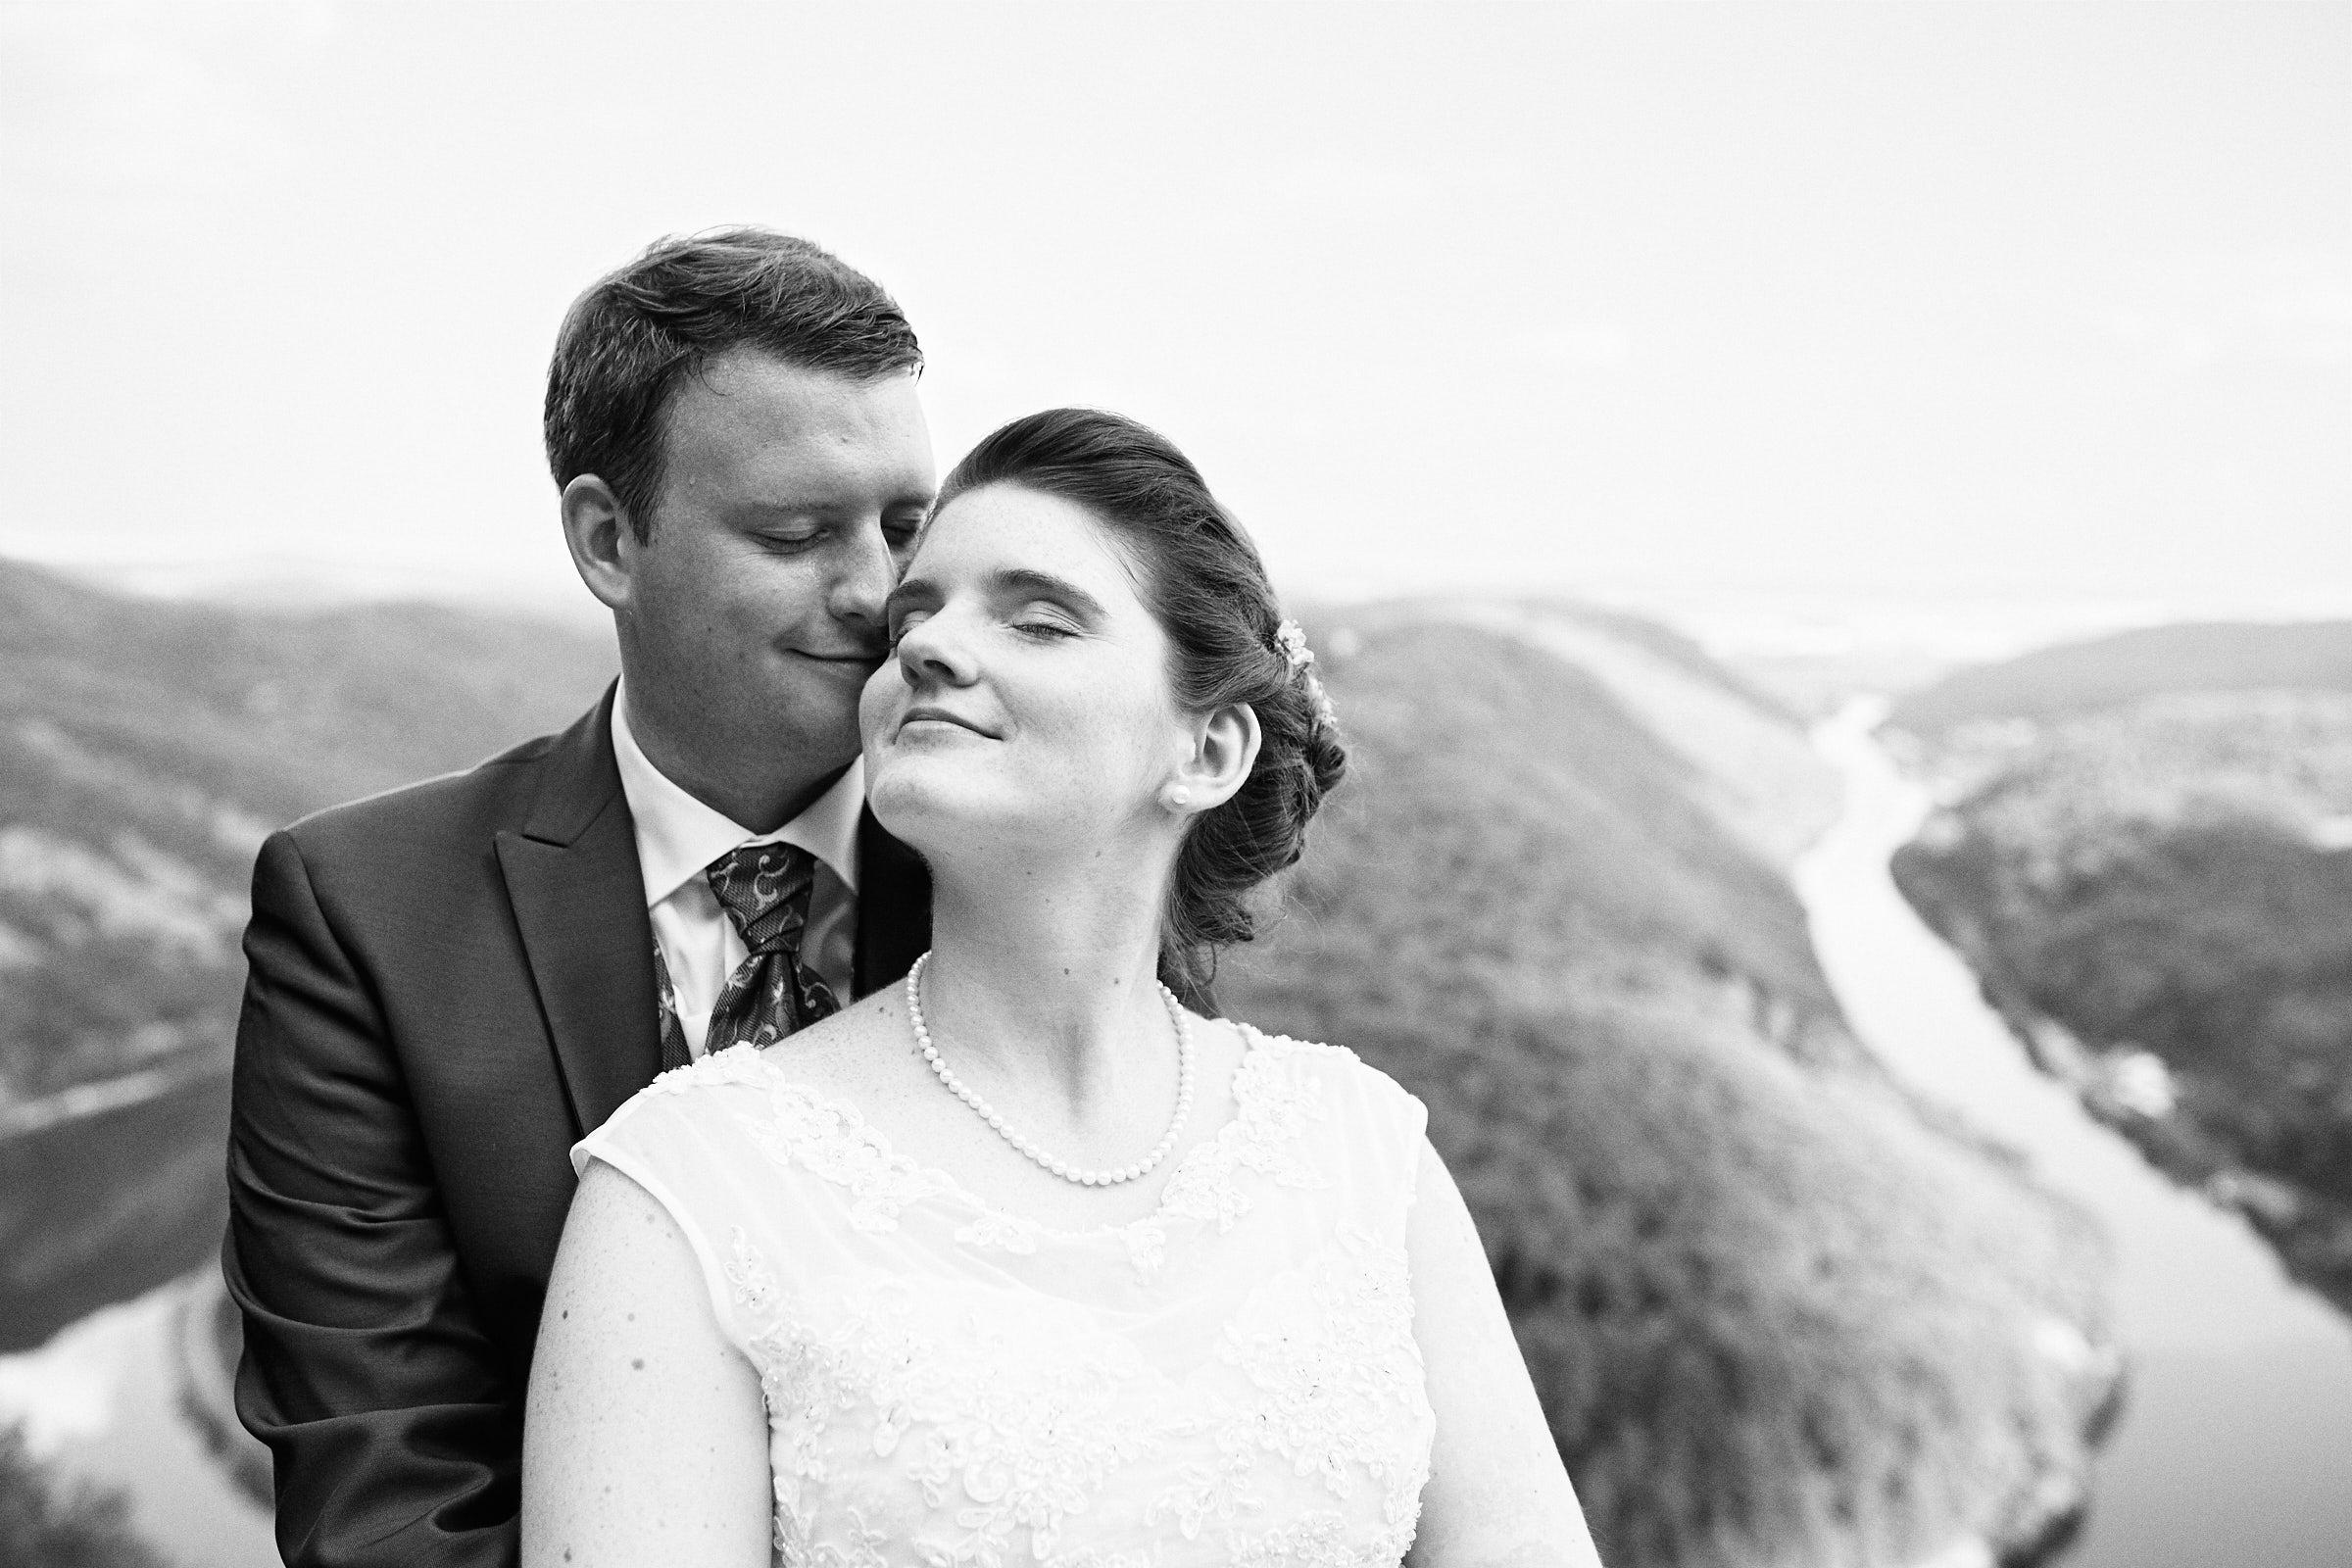 Schwarz Weiß Portrait eines Brautpaares an der Saarschleife bei Mettlach.